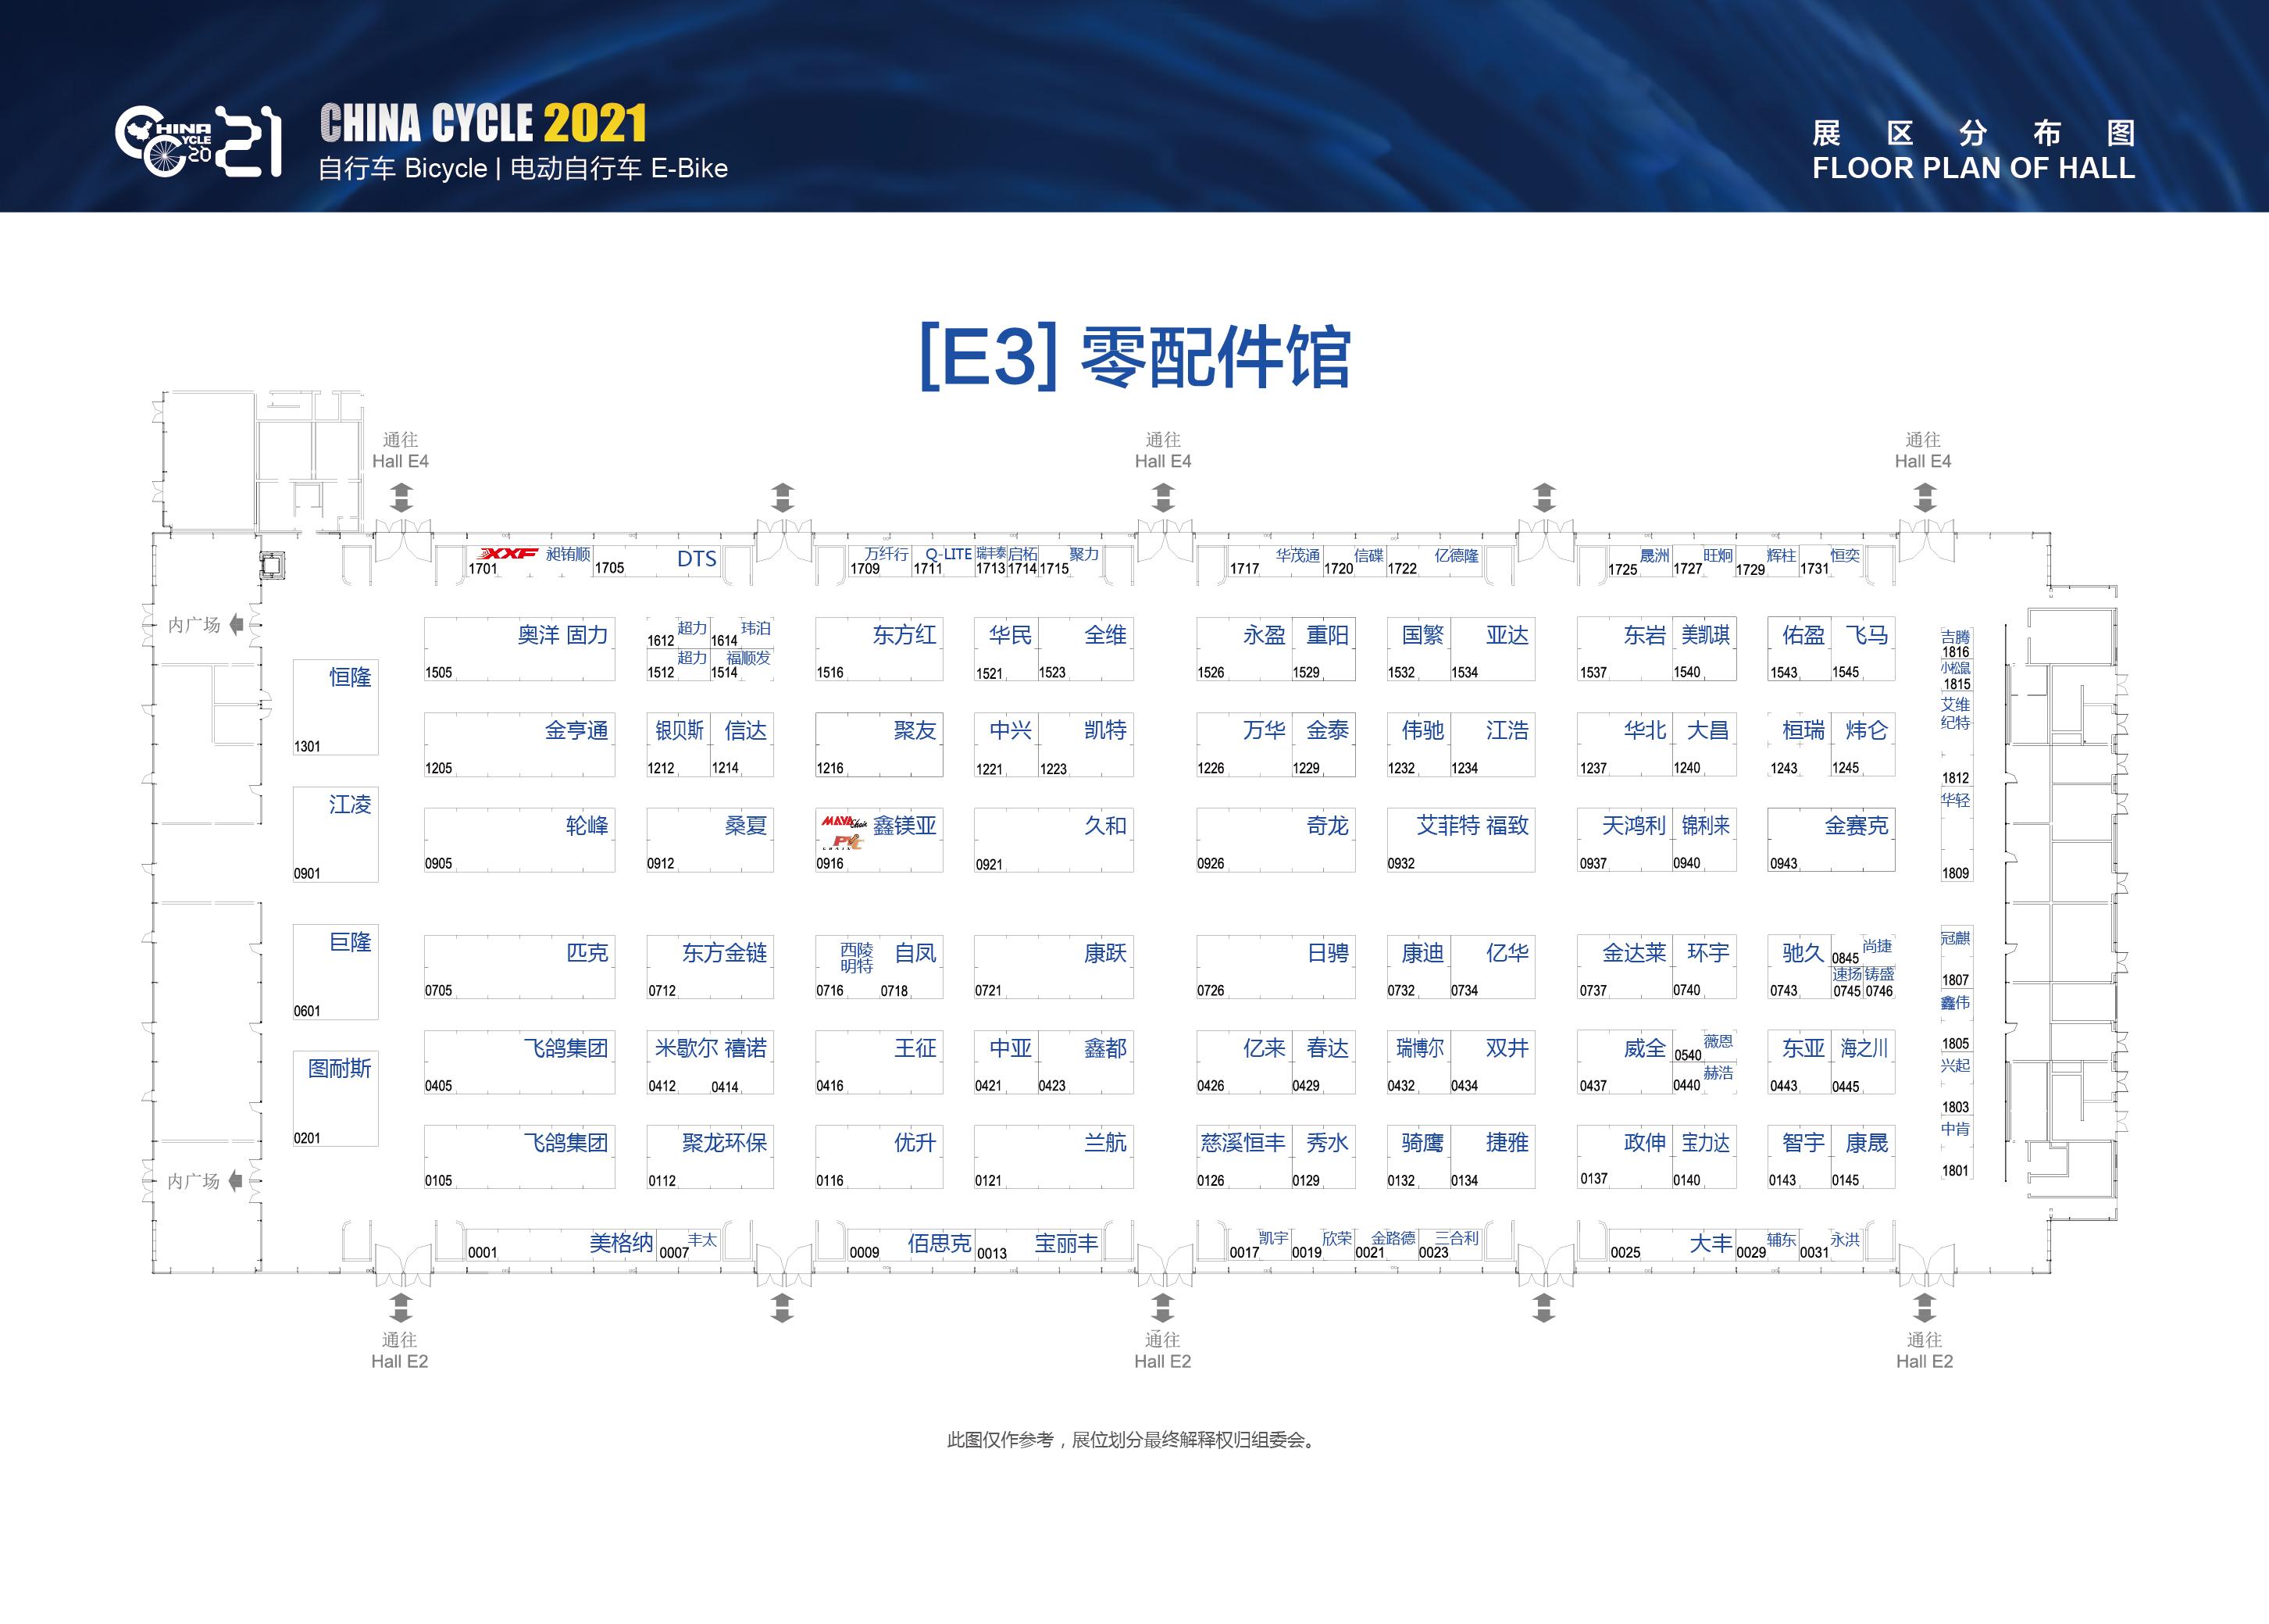 aadc67dd-61e7-46cb-aa79-48d764aa0f80.jpg